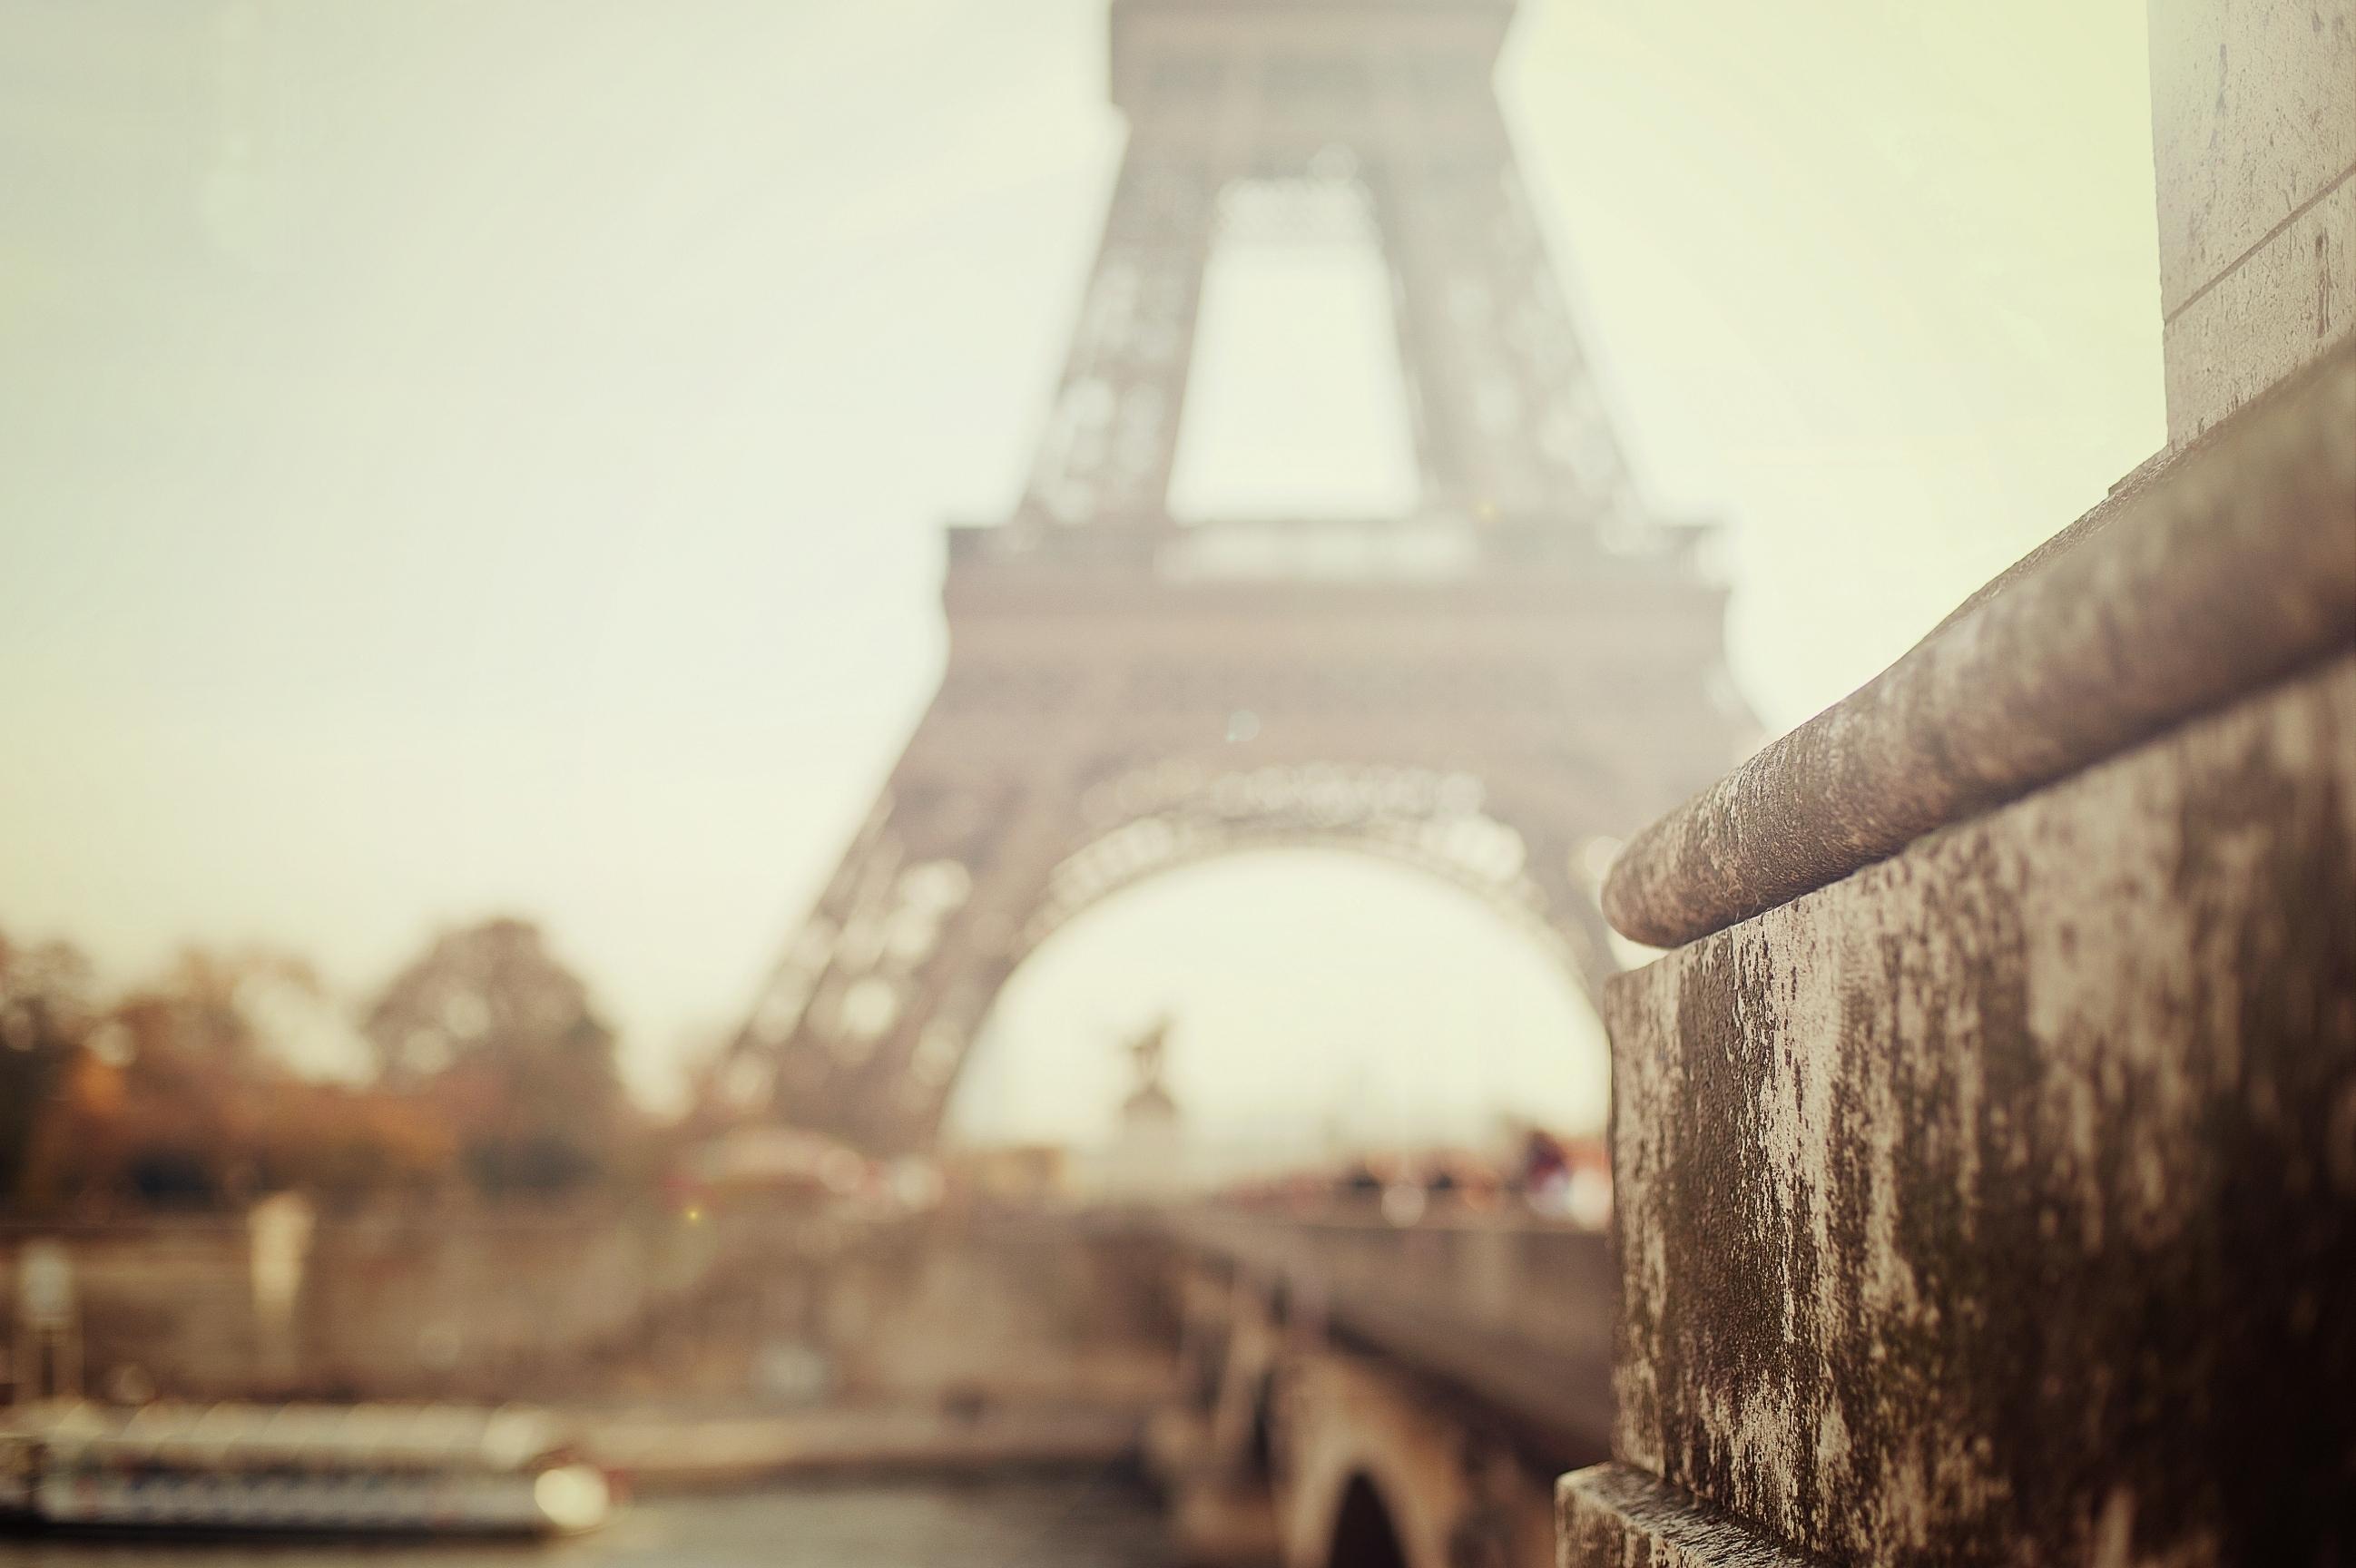 151029 télécharger le fond d'écran Ville, Paris, Bokeh, Boquet, Mise Au Point, Se Concentrant, Flou, Lisse, Villes, Tour Eiffel - économiseurs d'écran et images gratuitement